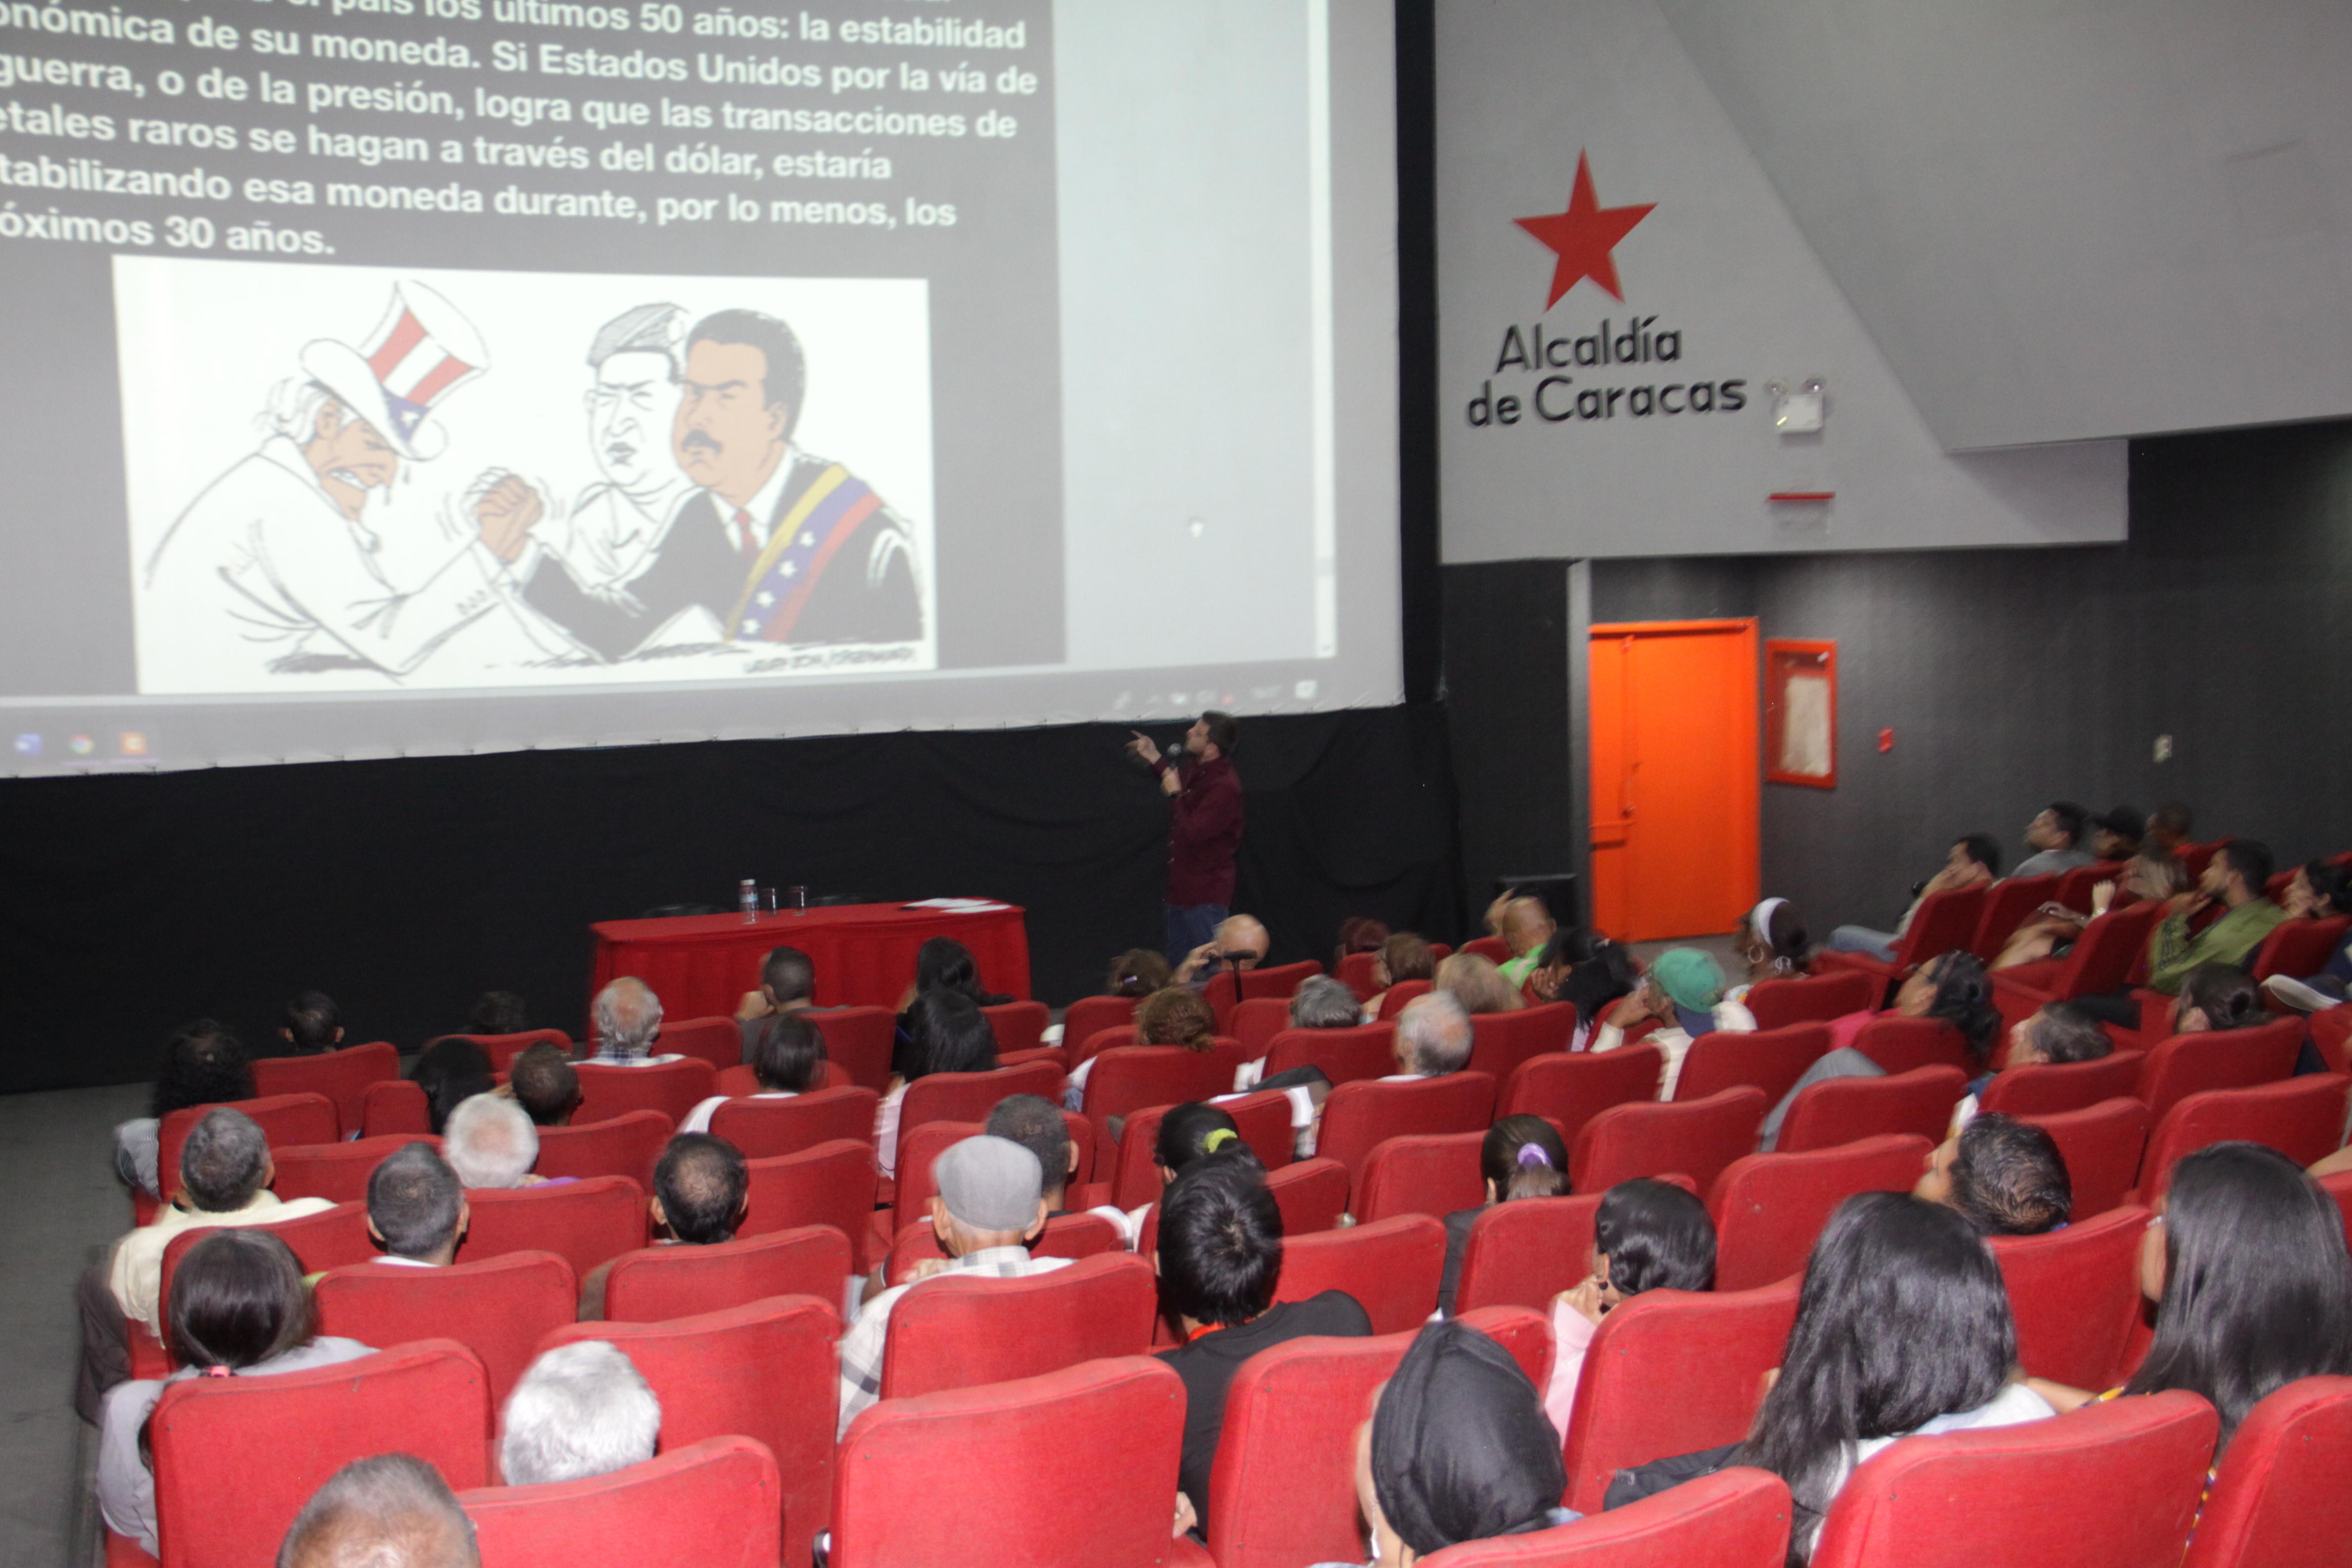 Disertan sobre la importancia geoestratégica de Venezuela y América Latina en Seminario de Geopolítica